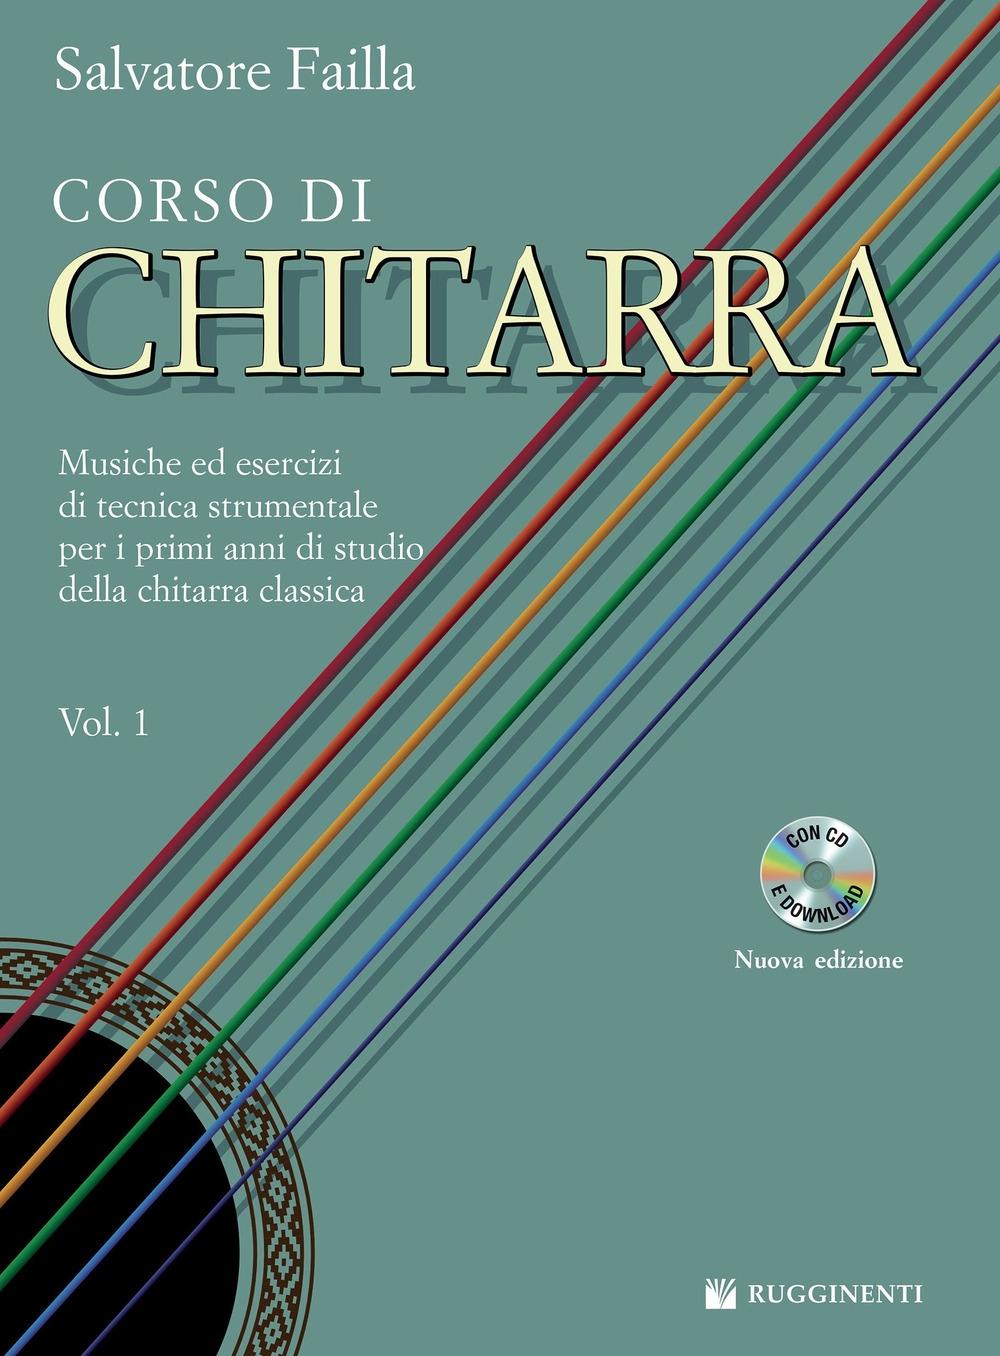 Corso di Chitarra. Musiche ed Esercizi di Tecnica Strumentale per i Primi Anni di Studio della Chitarra Classica. Vol. 1. [Con CD Rom].